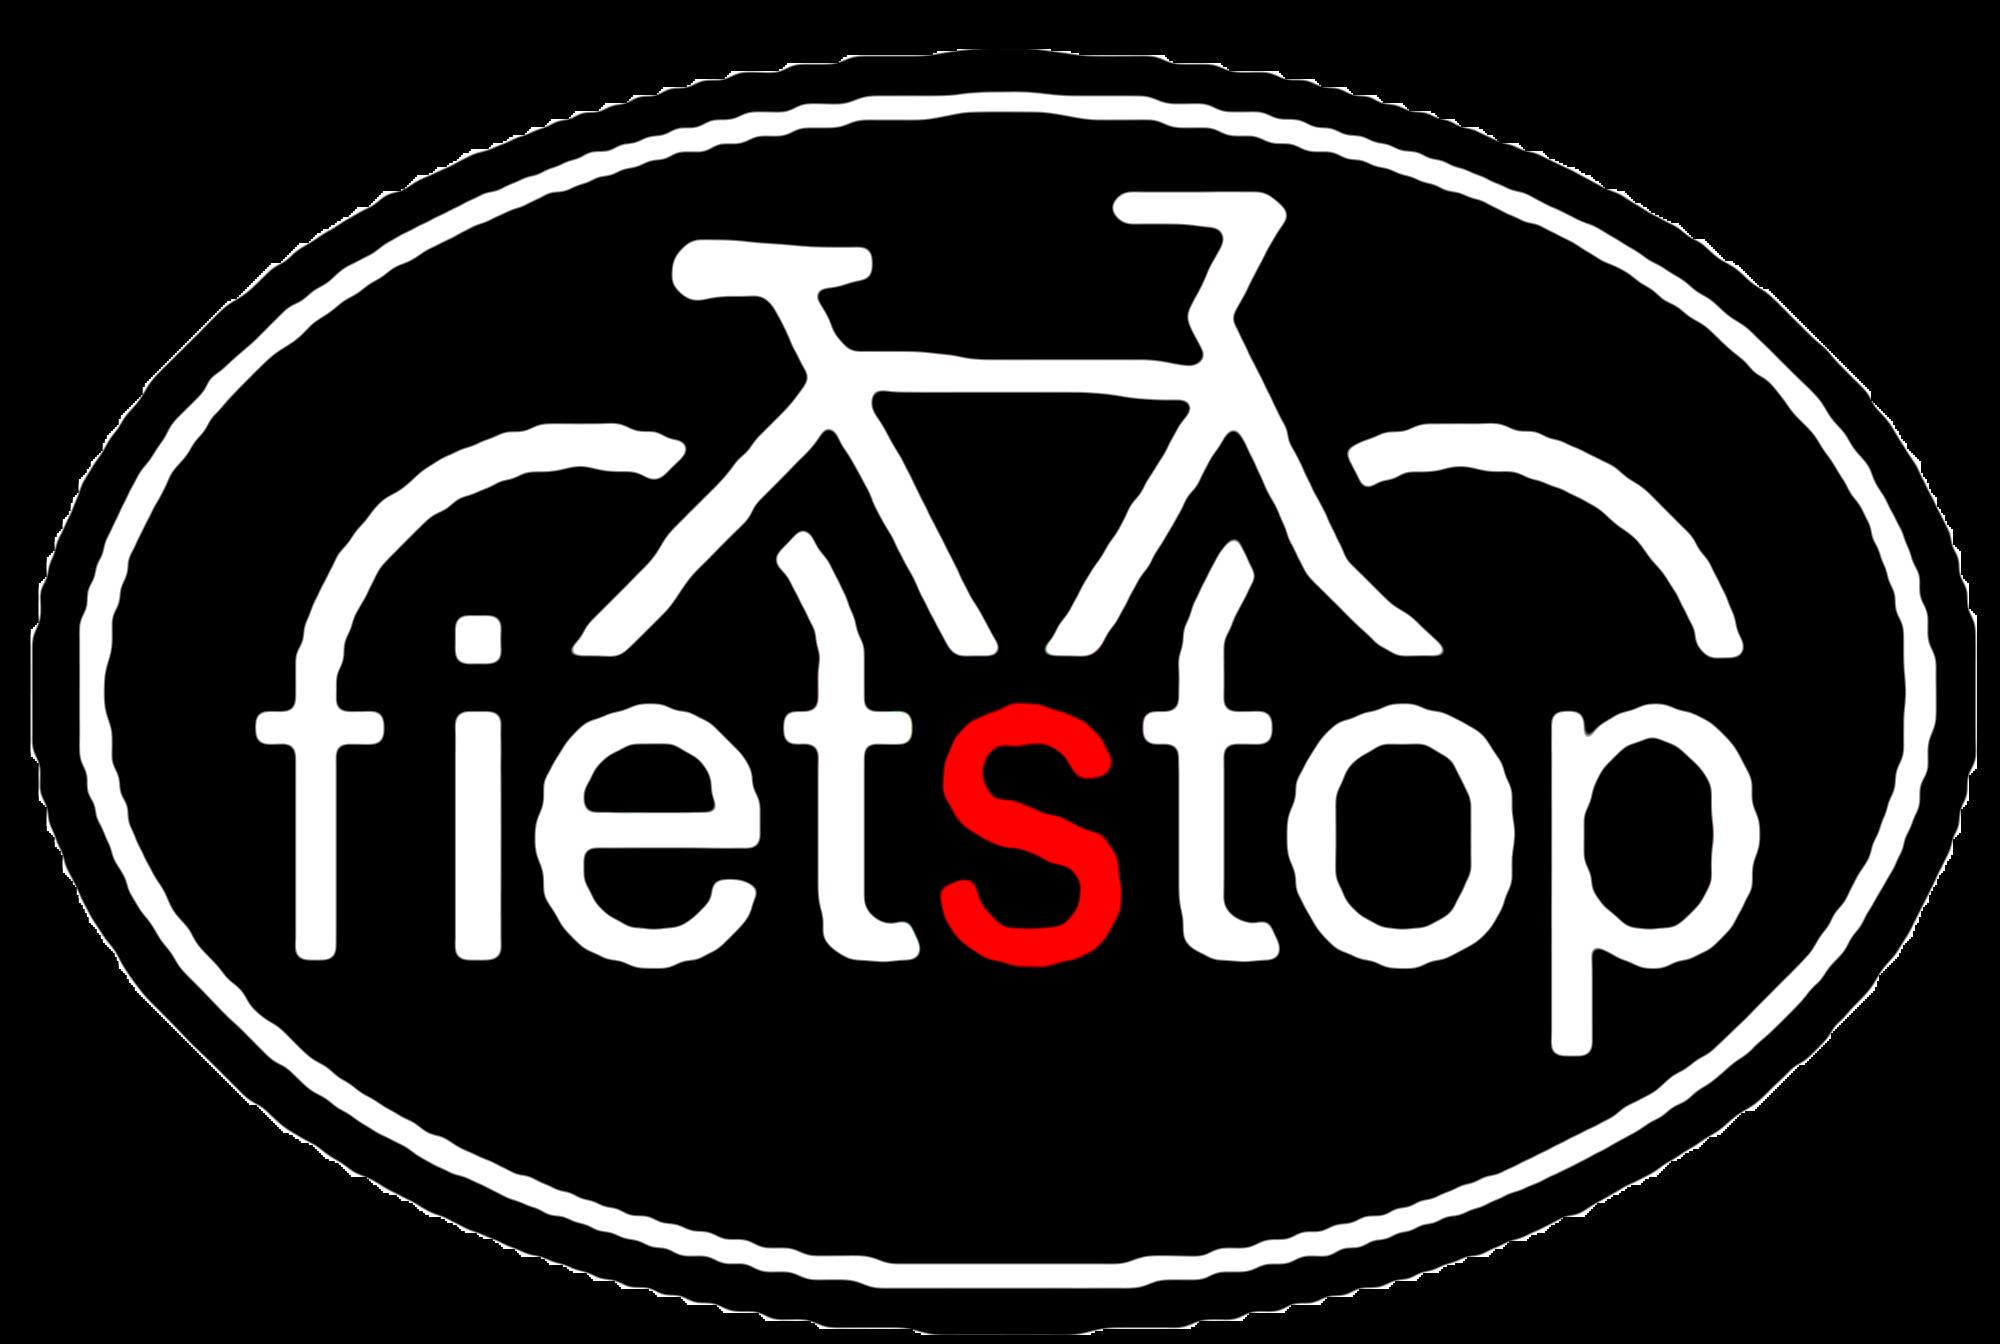 Fietstop